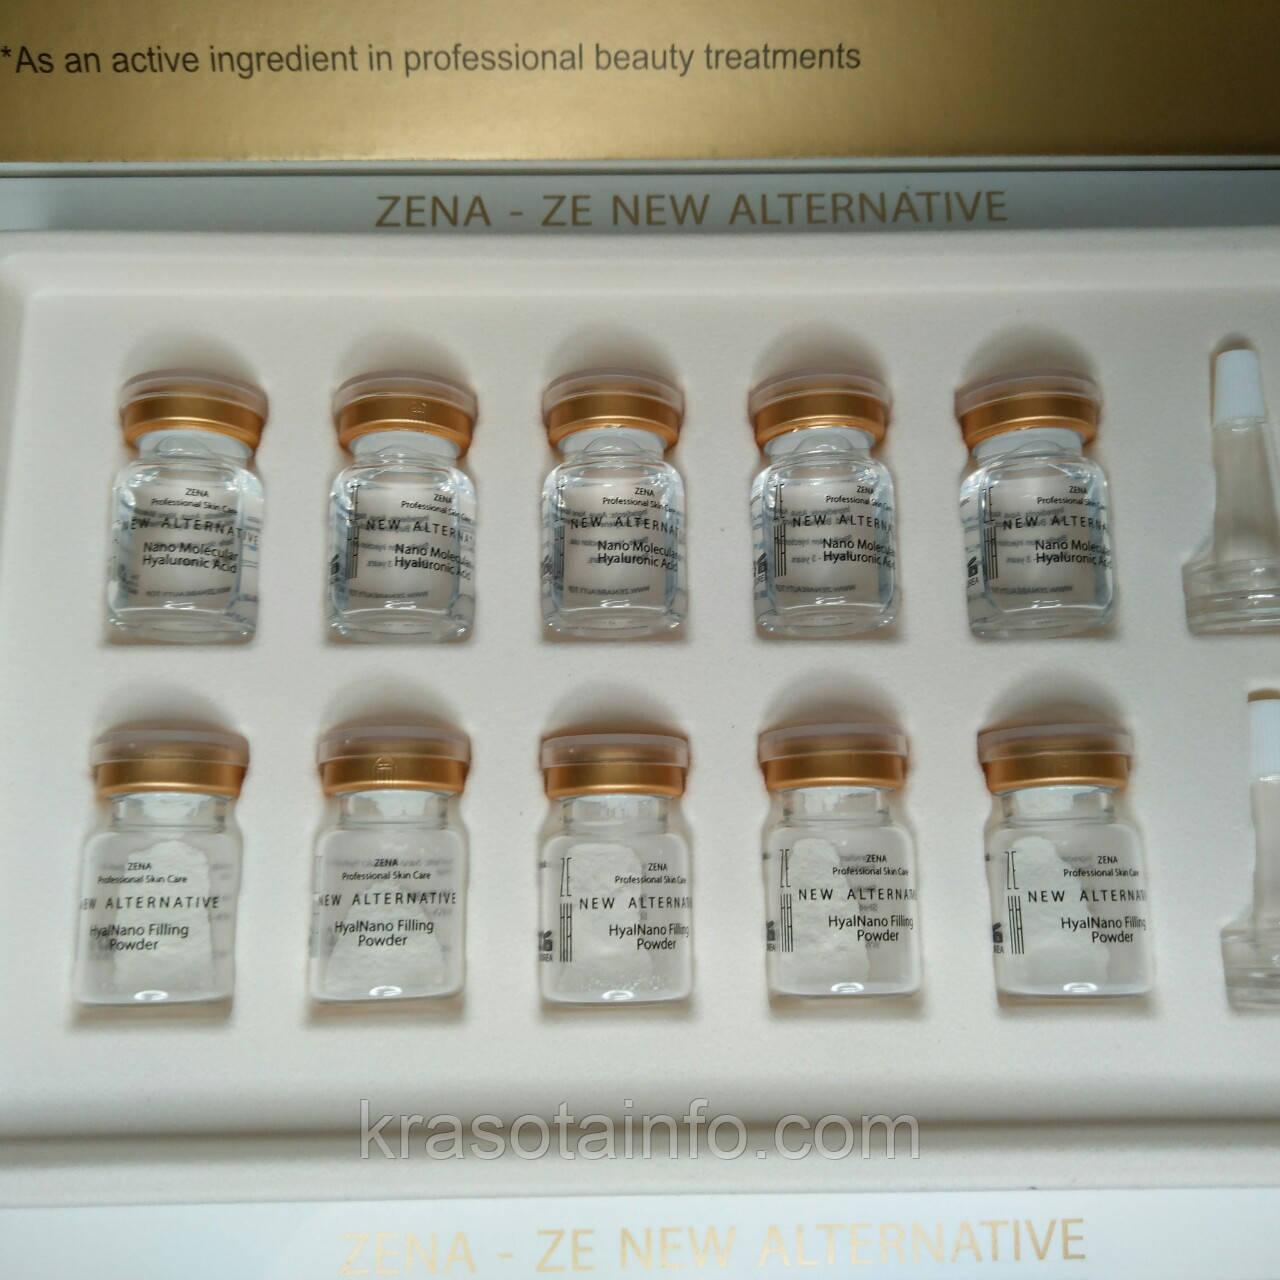 Набор для заполнения дефектов кожи нано-гиалуроновой кислотой, Hyalnano Fillin , Zena, 5 мл, 10 штук